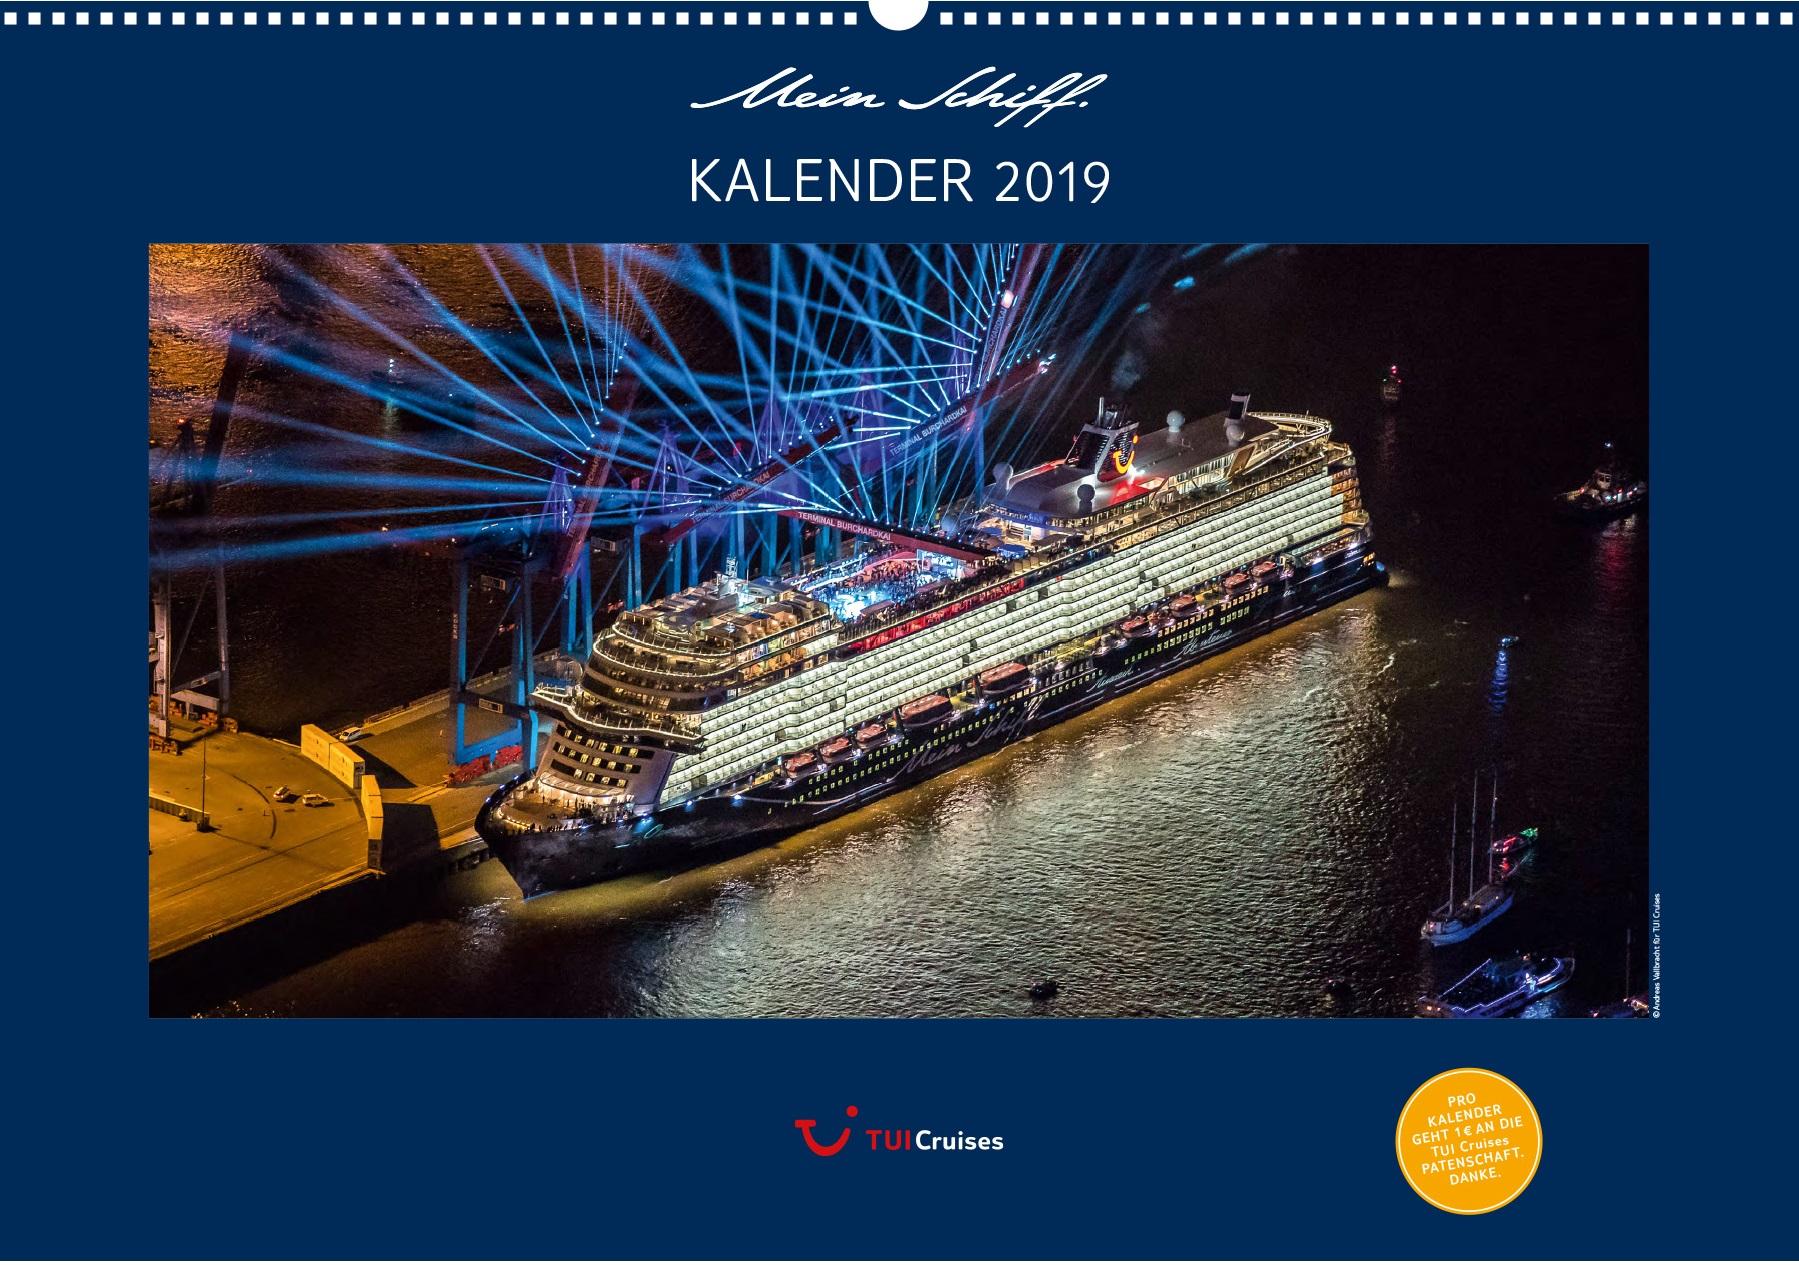 Das Titelbild des Mein Schiff Kalenders 2019 von TUI Cruises